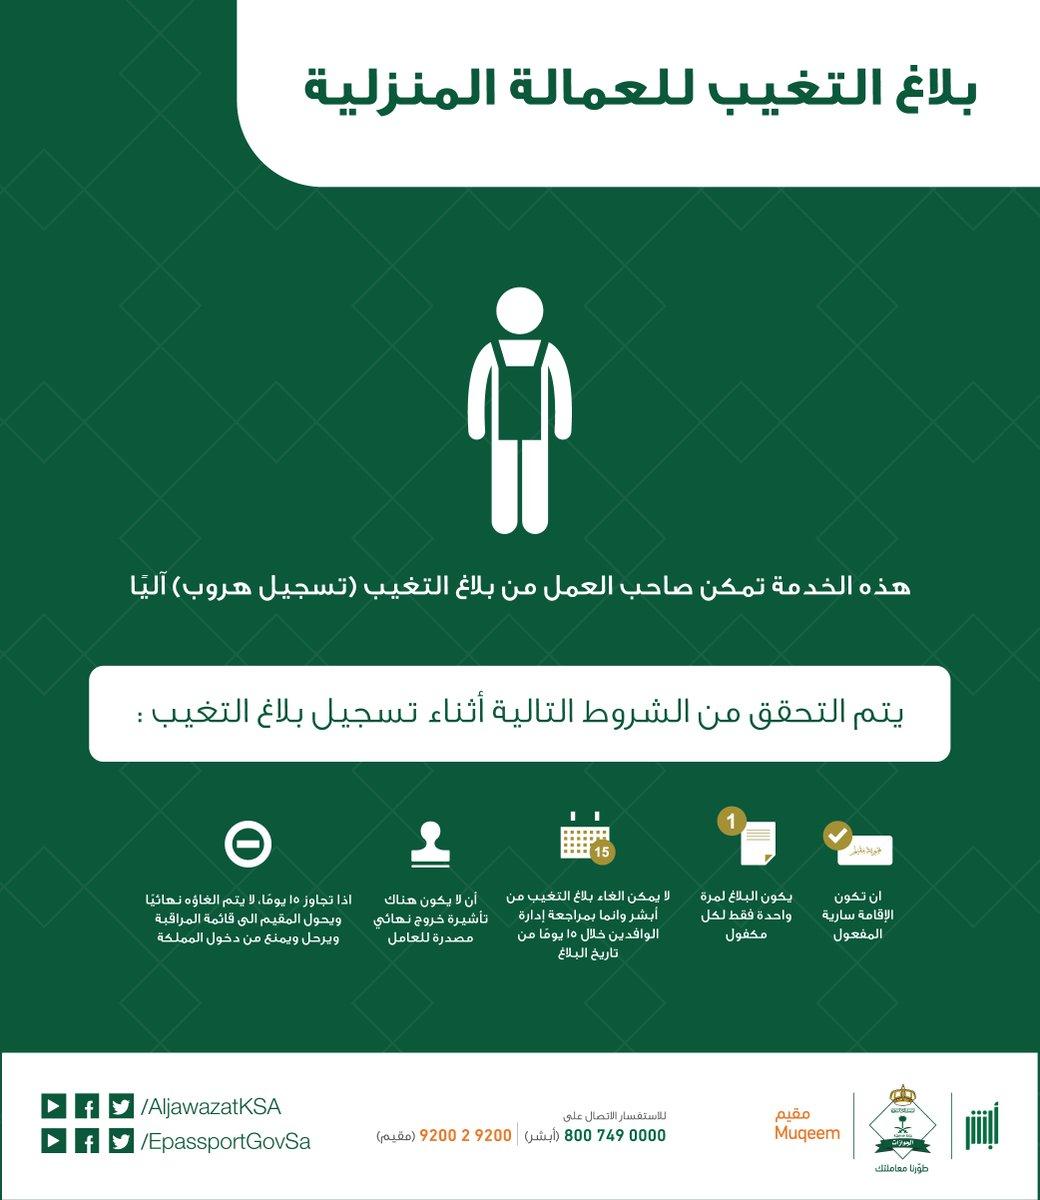 الجوازات السعودية Twitter પર قبول إلغاء بلاغ تغيب العمالة المنزلية خلال 15 يوما فقط من تاريخ تسجيل البلاغ Https T Co Wjdta7snqc